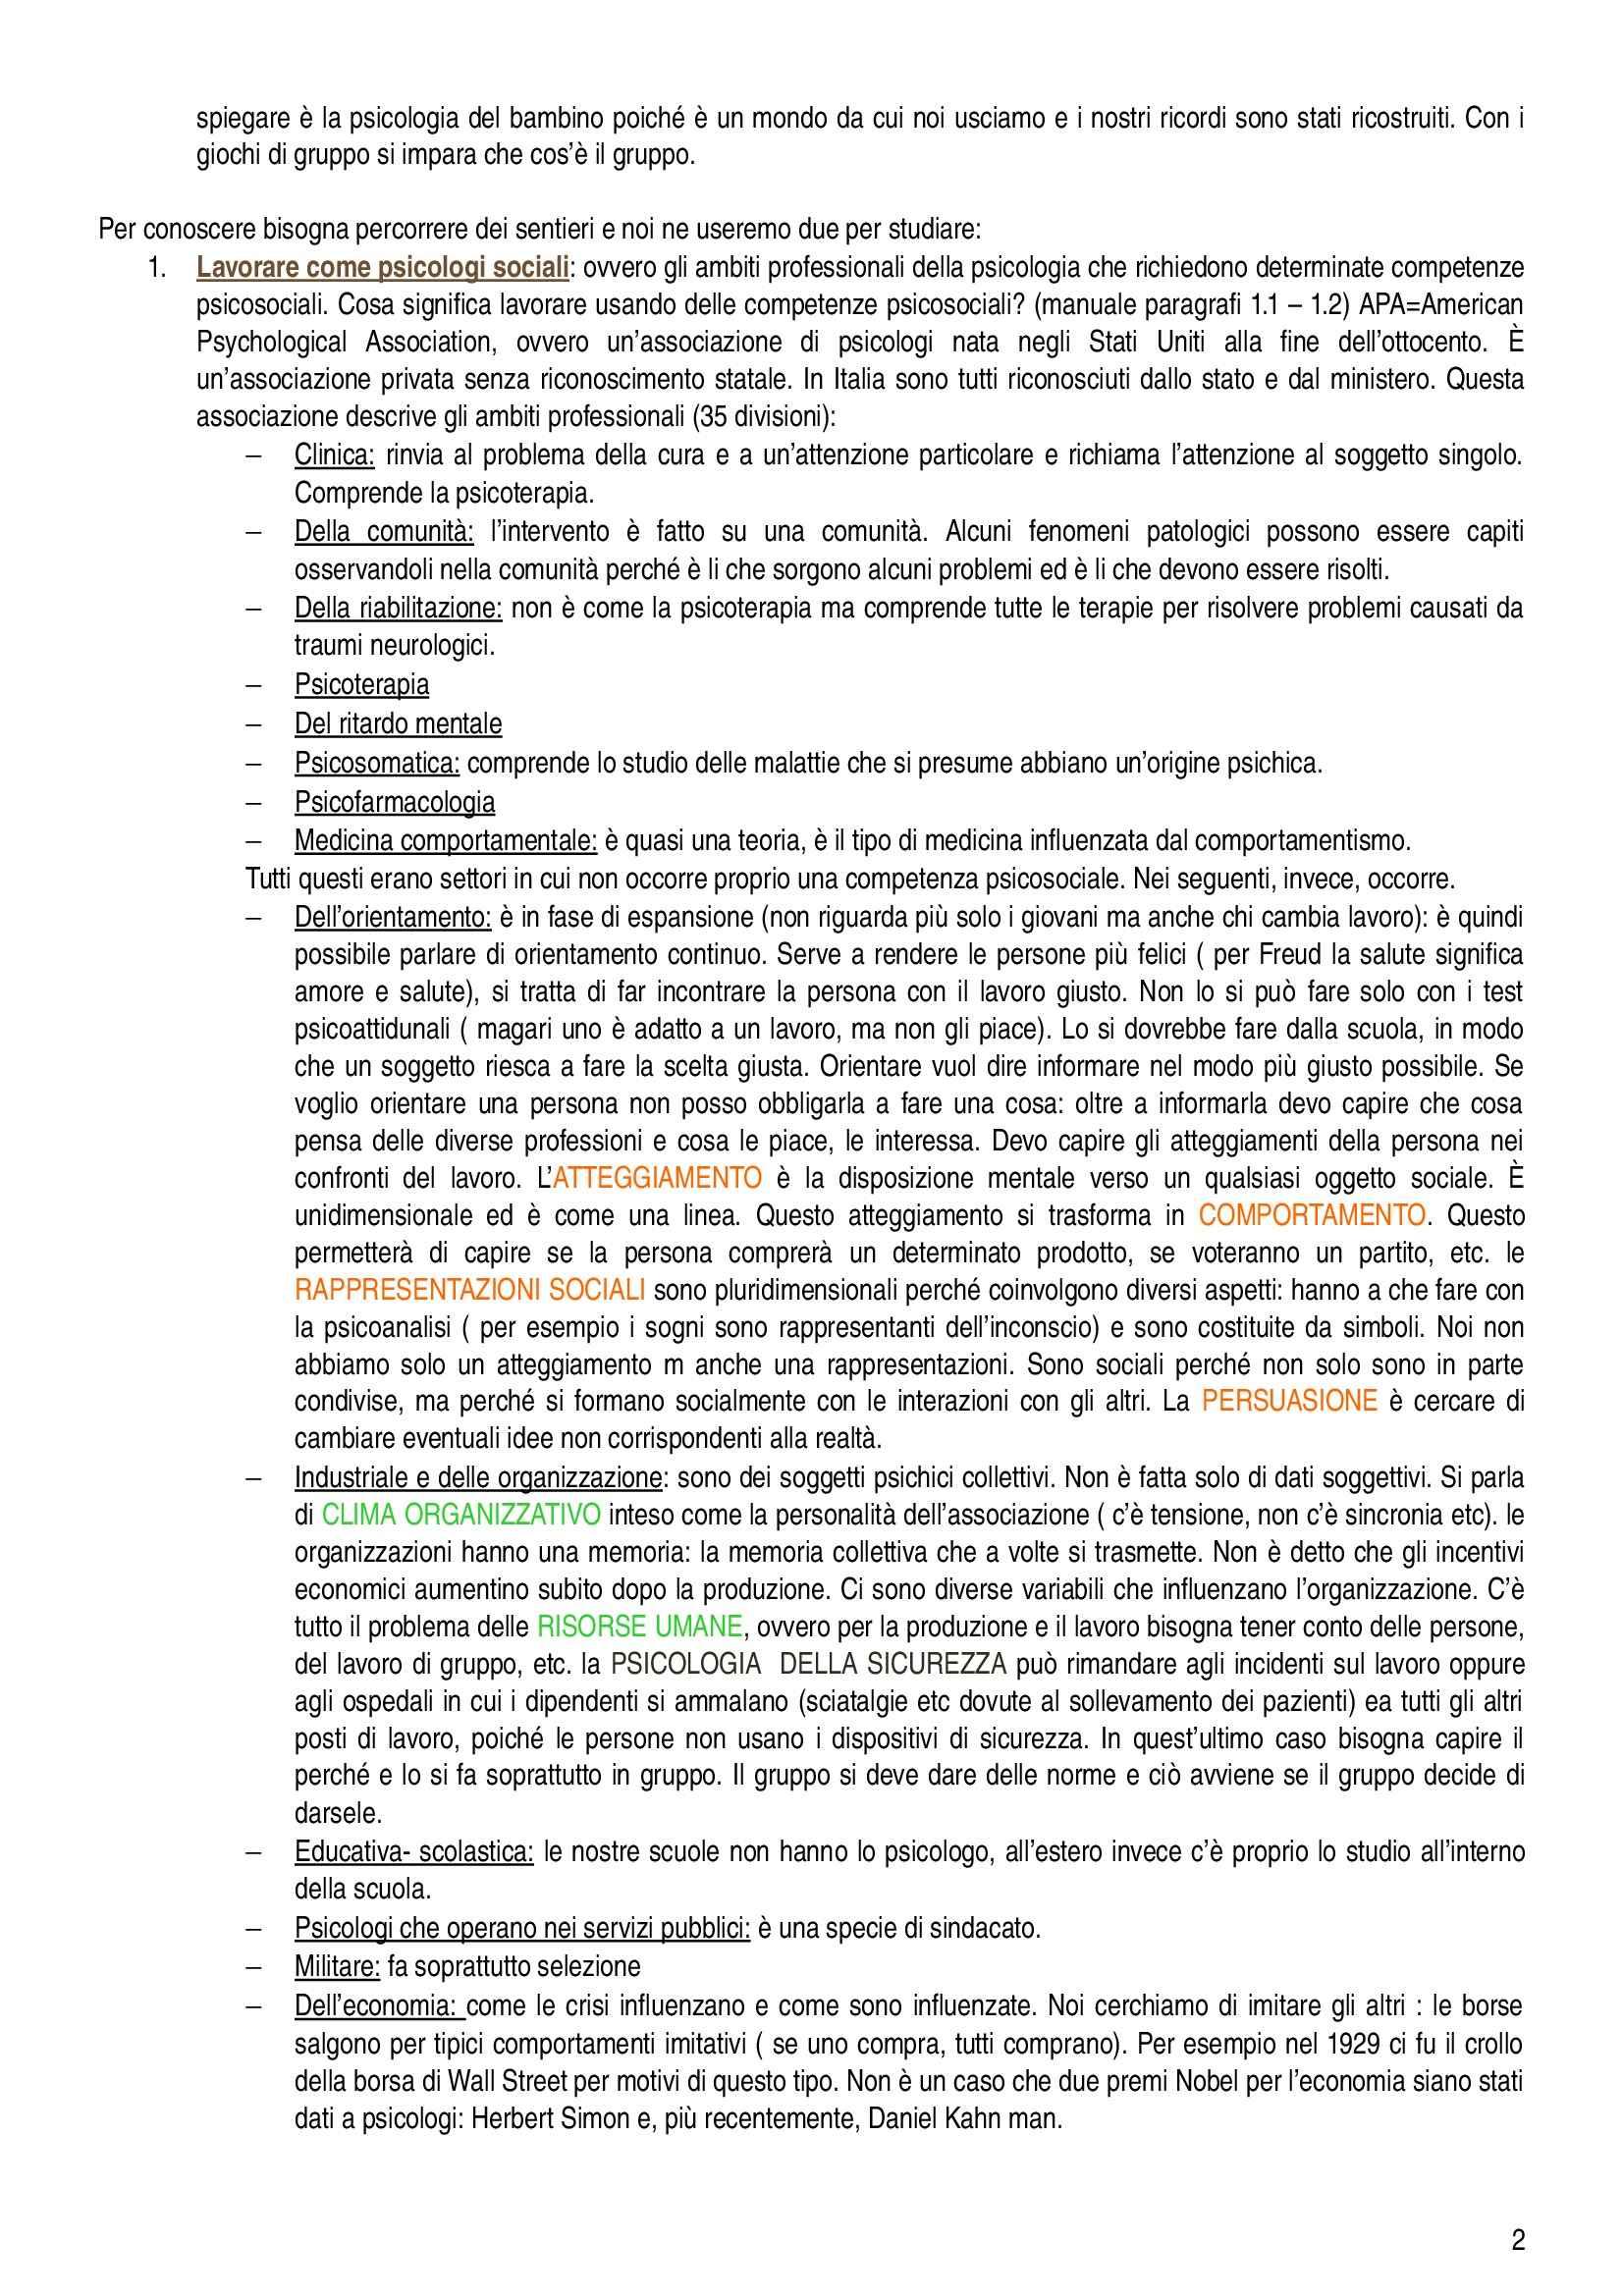 Psicologia sociale - Appunti Pag. 2